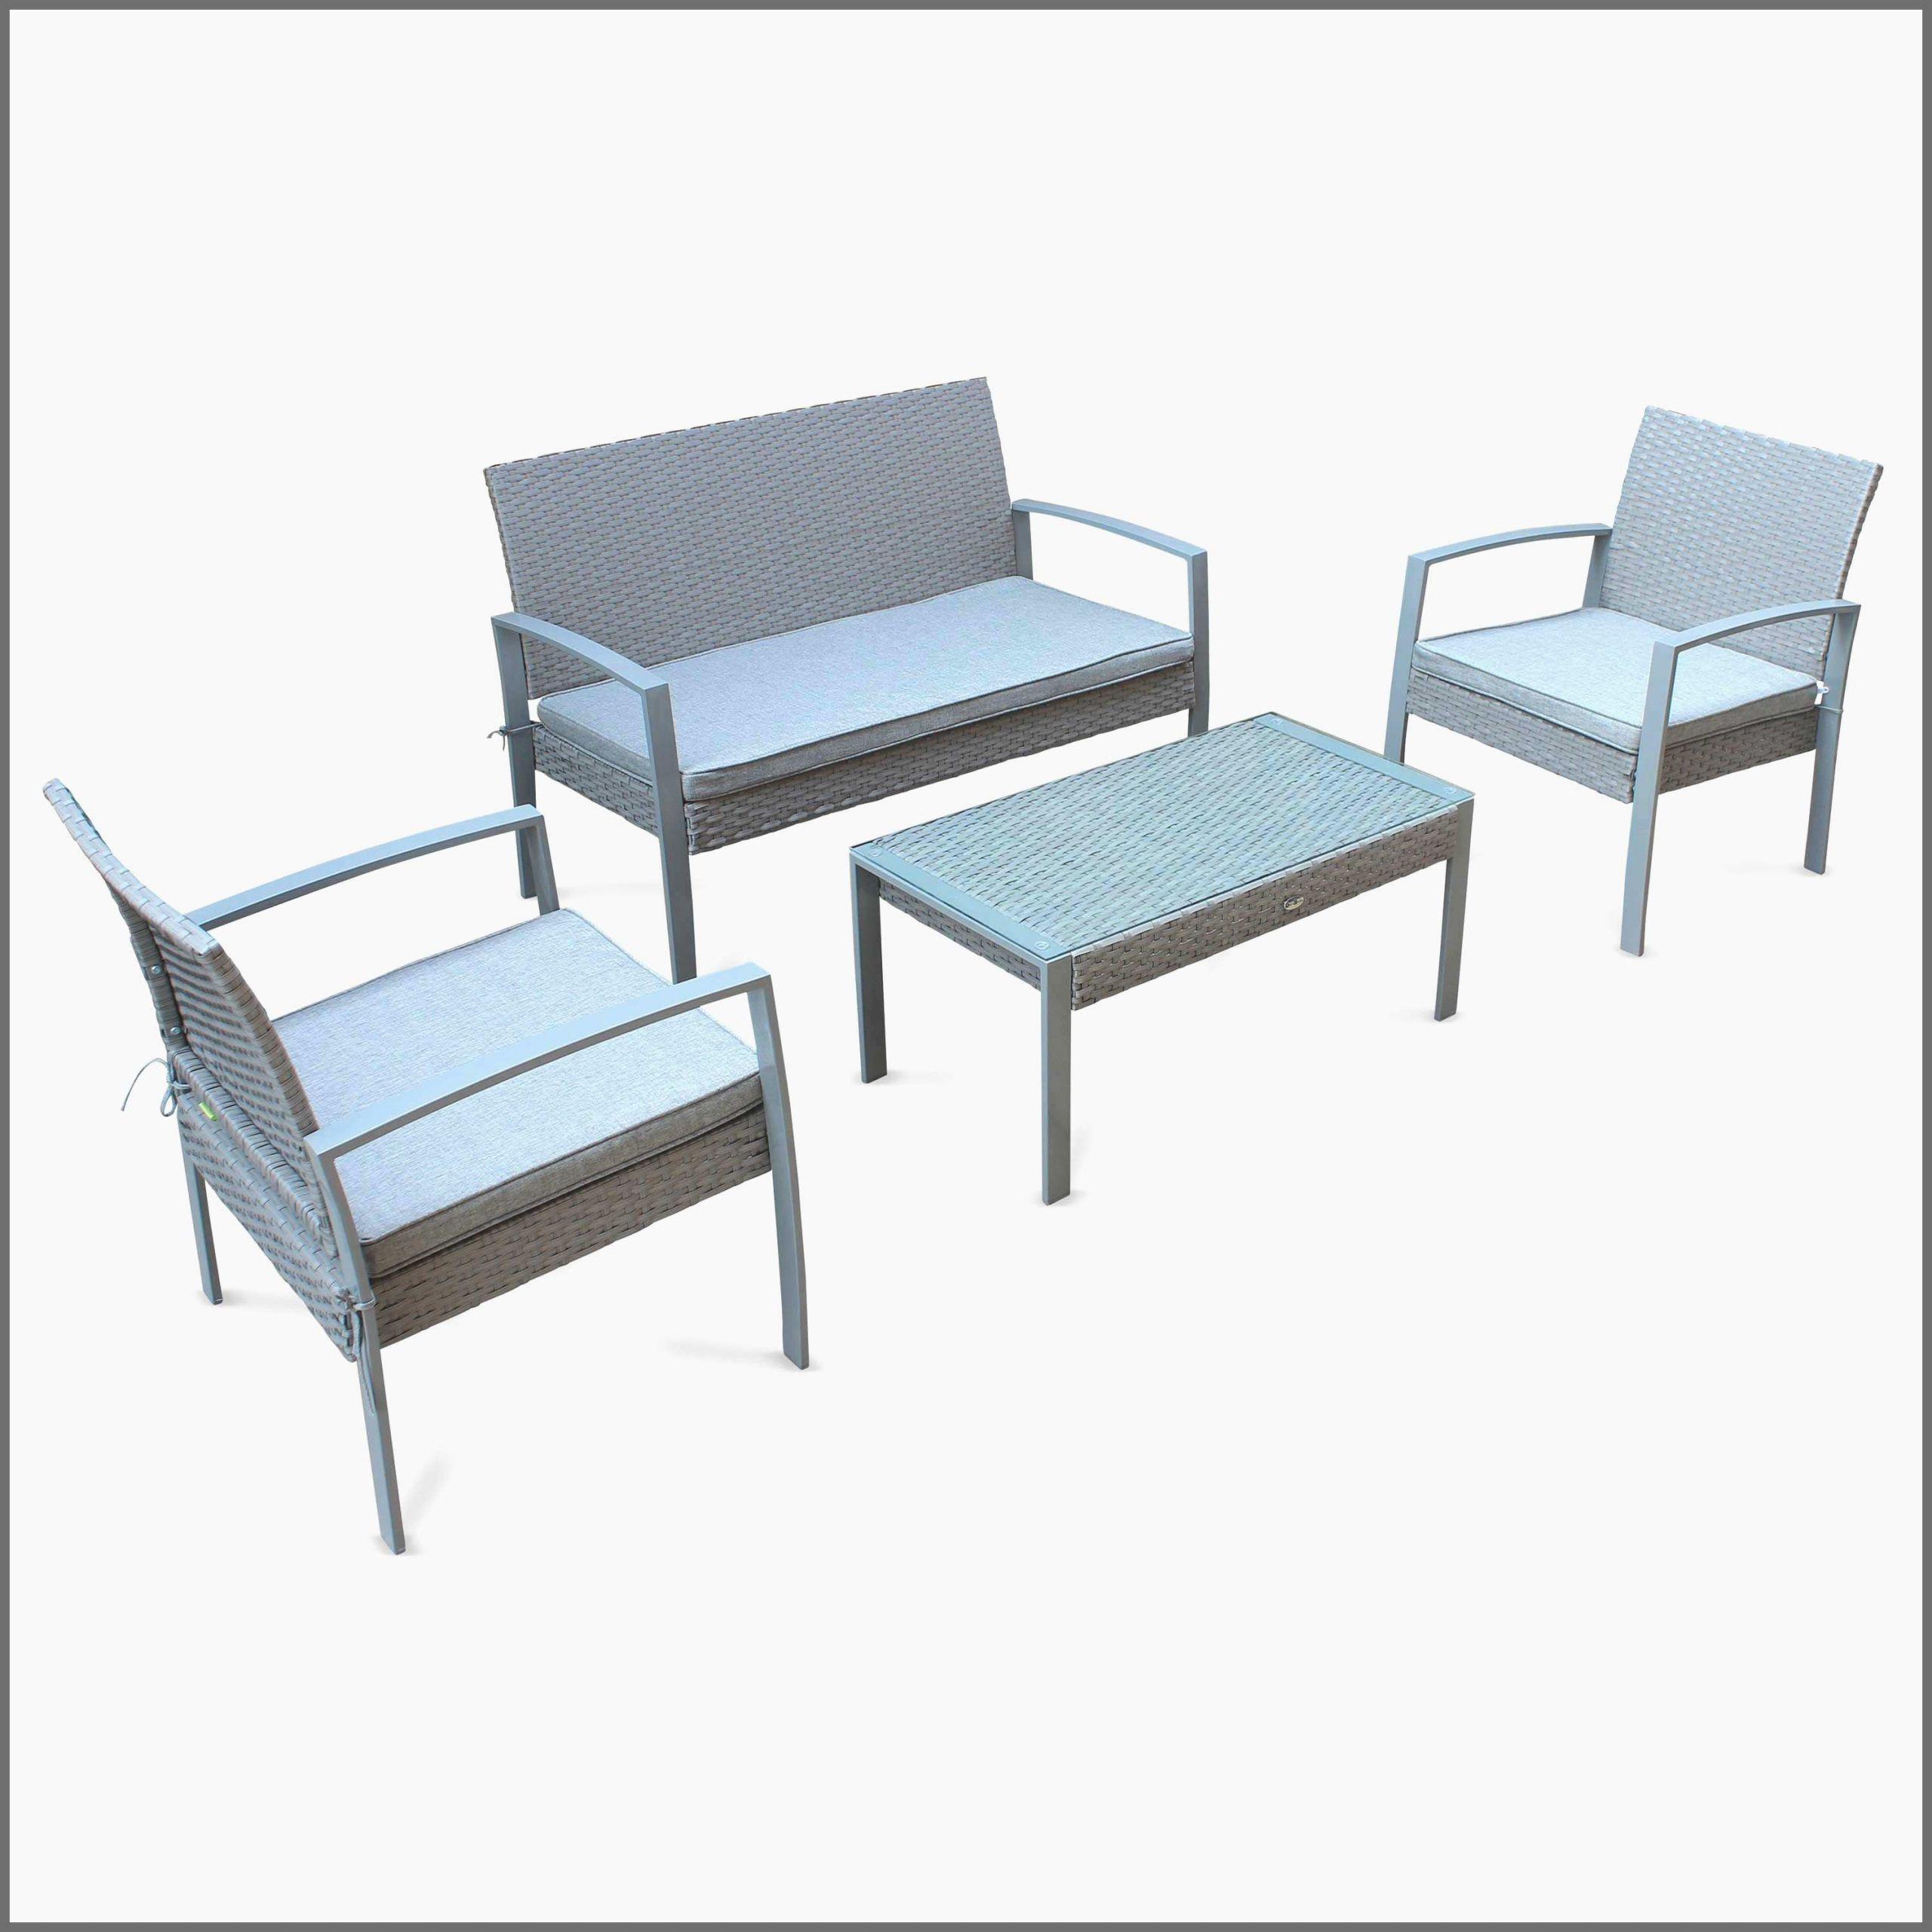 38 Luxe Mobilier Jardin Castorama | Salon Jardin tout Salon Jardin Aluminium Castorama